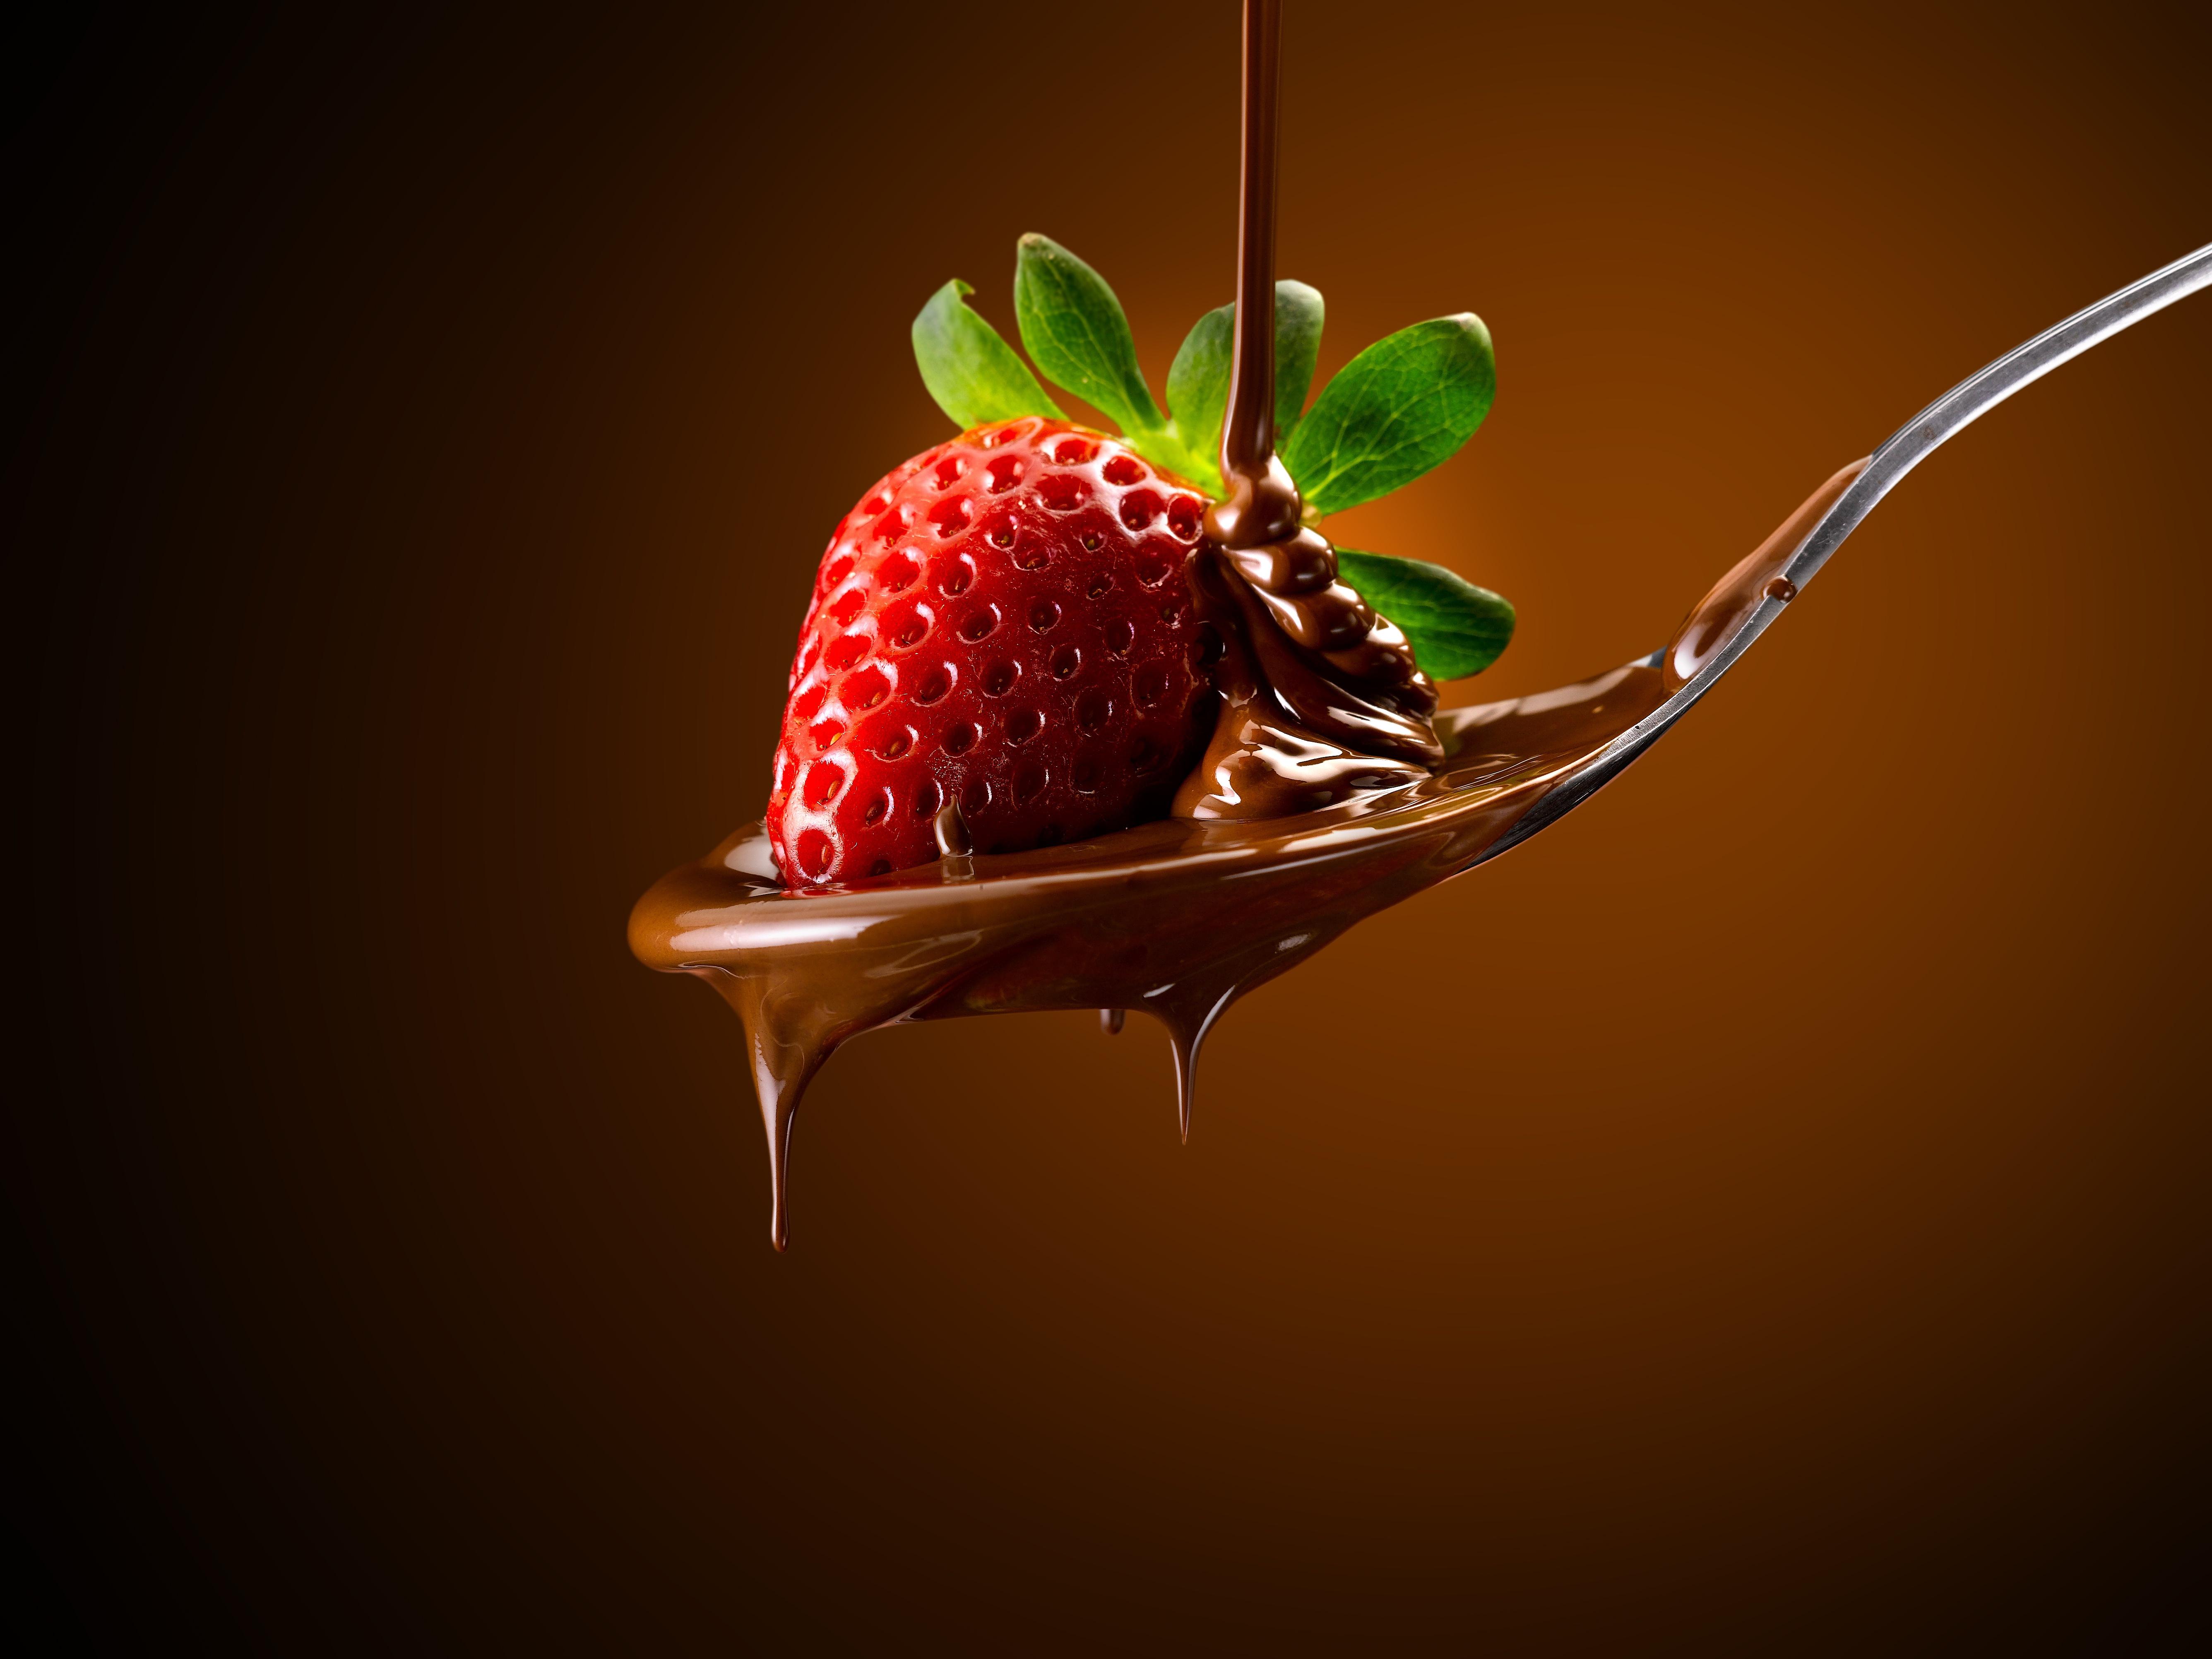 Fotos Schokolade Erdbeeren Löffel das Essen Farbigen hintergrund 5344x4008 Lebensmittel